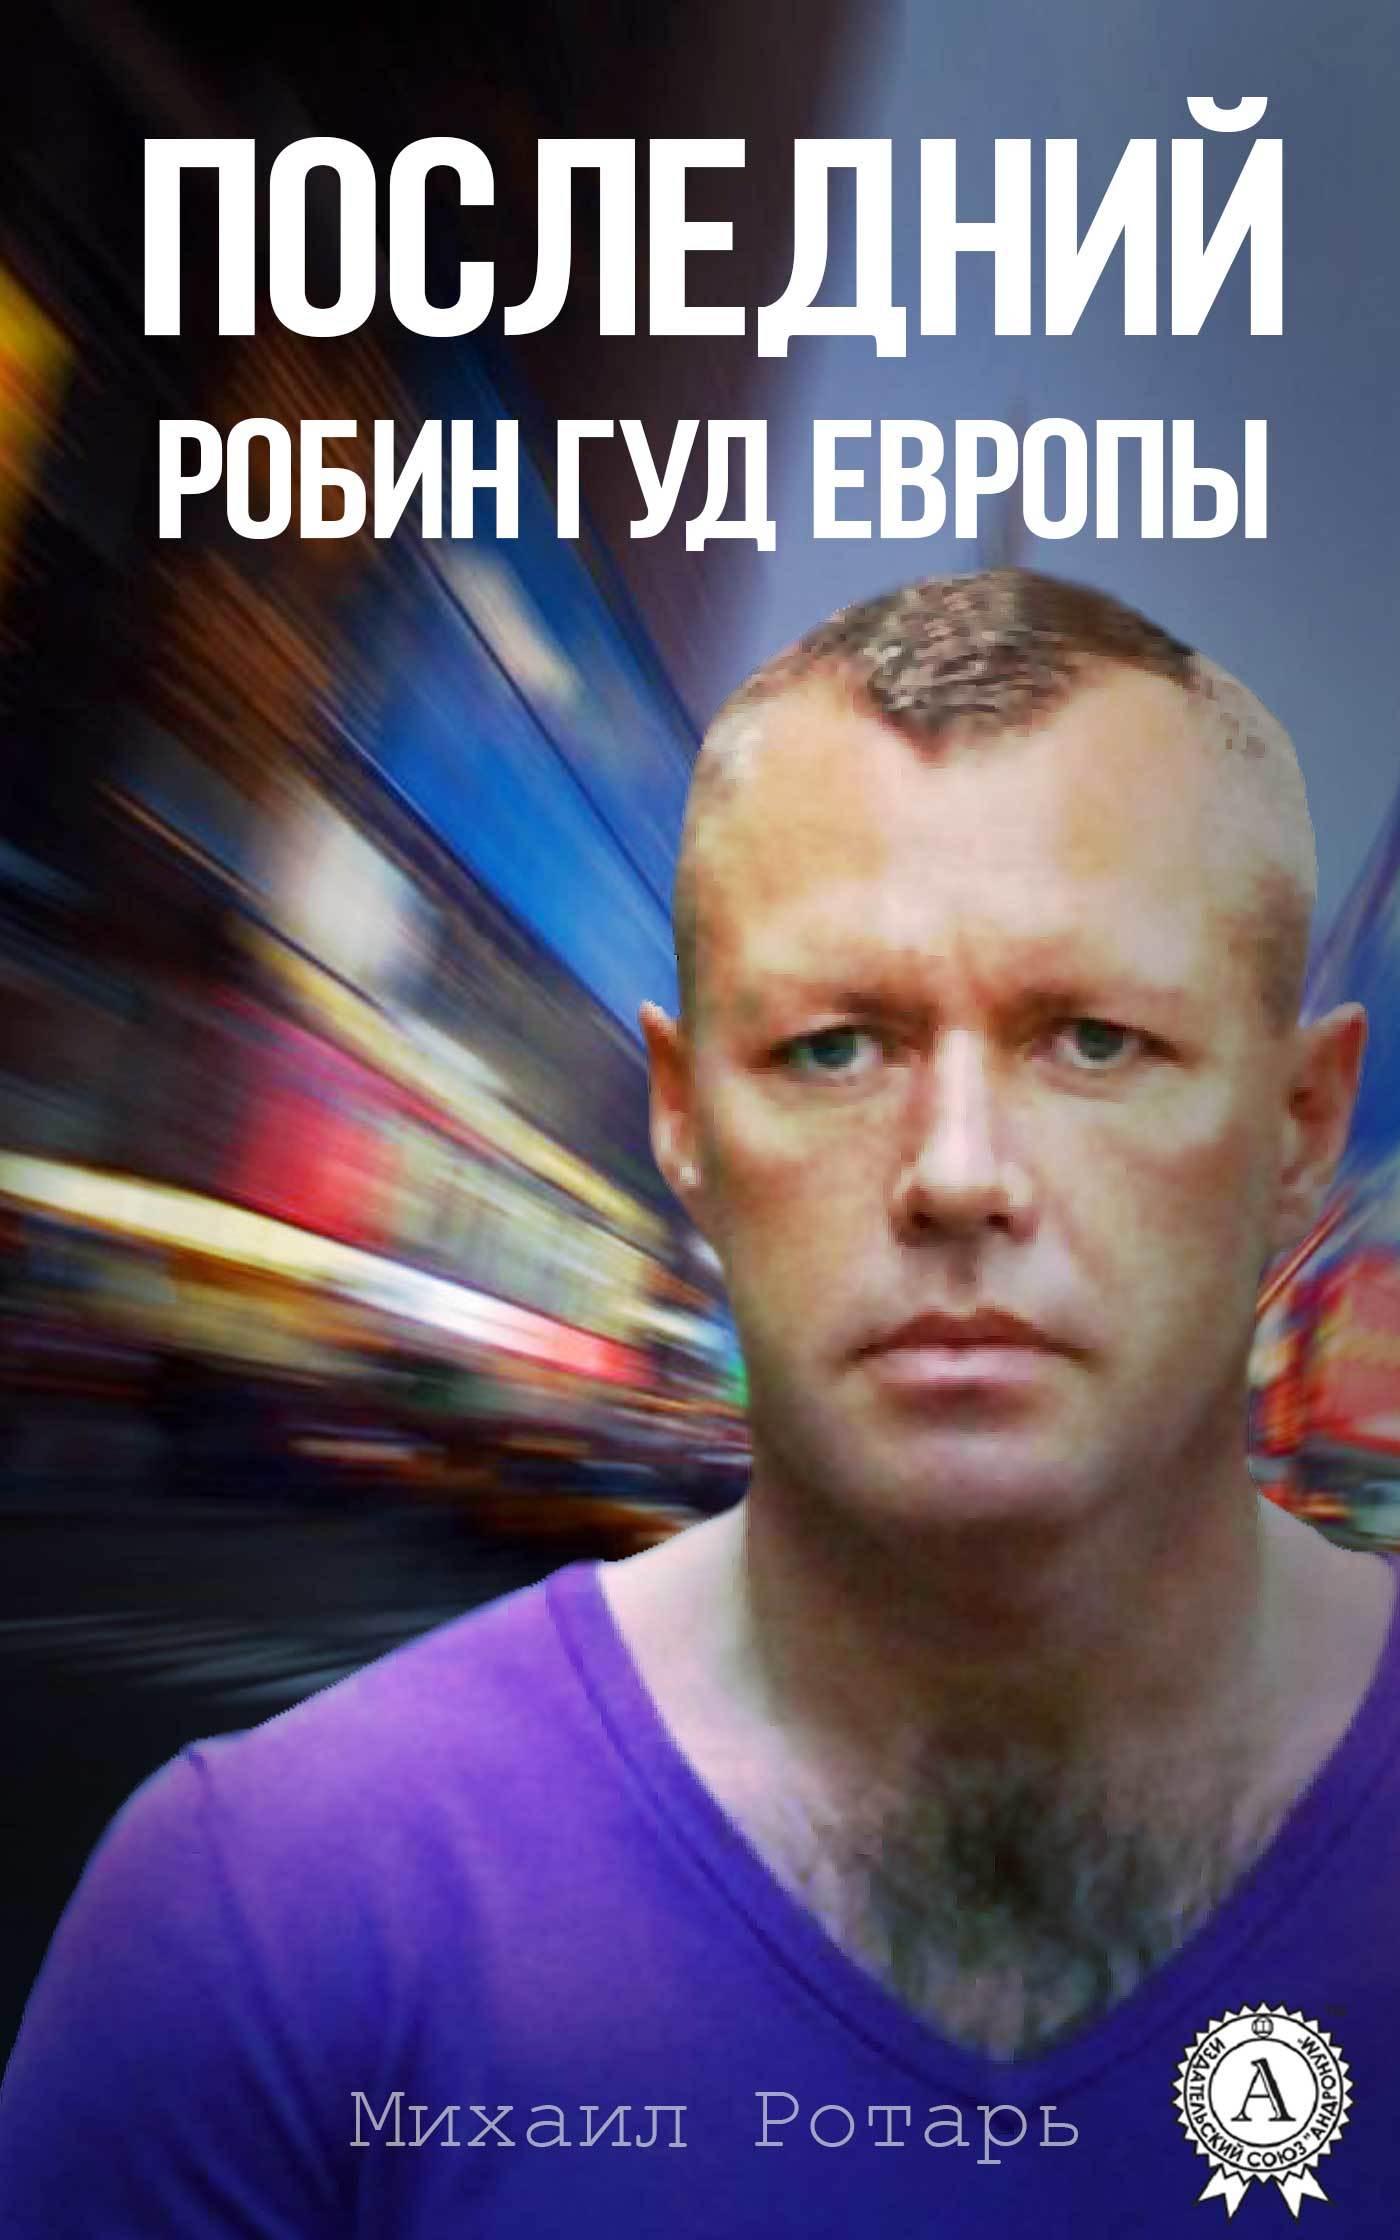 Михаил Ротарь